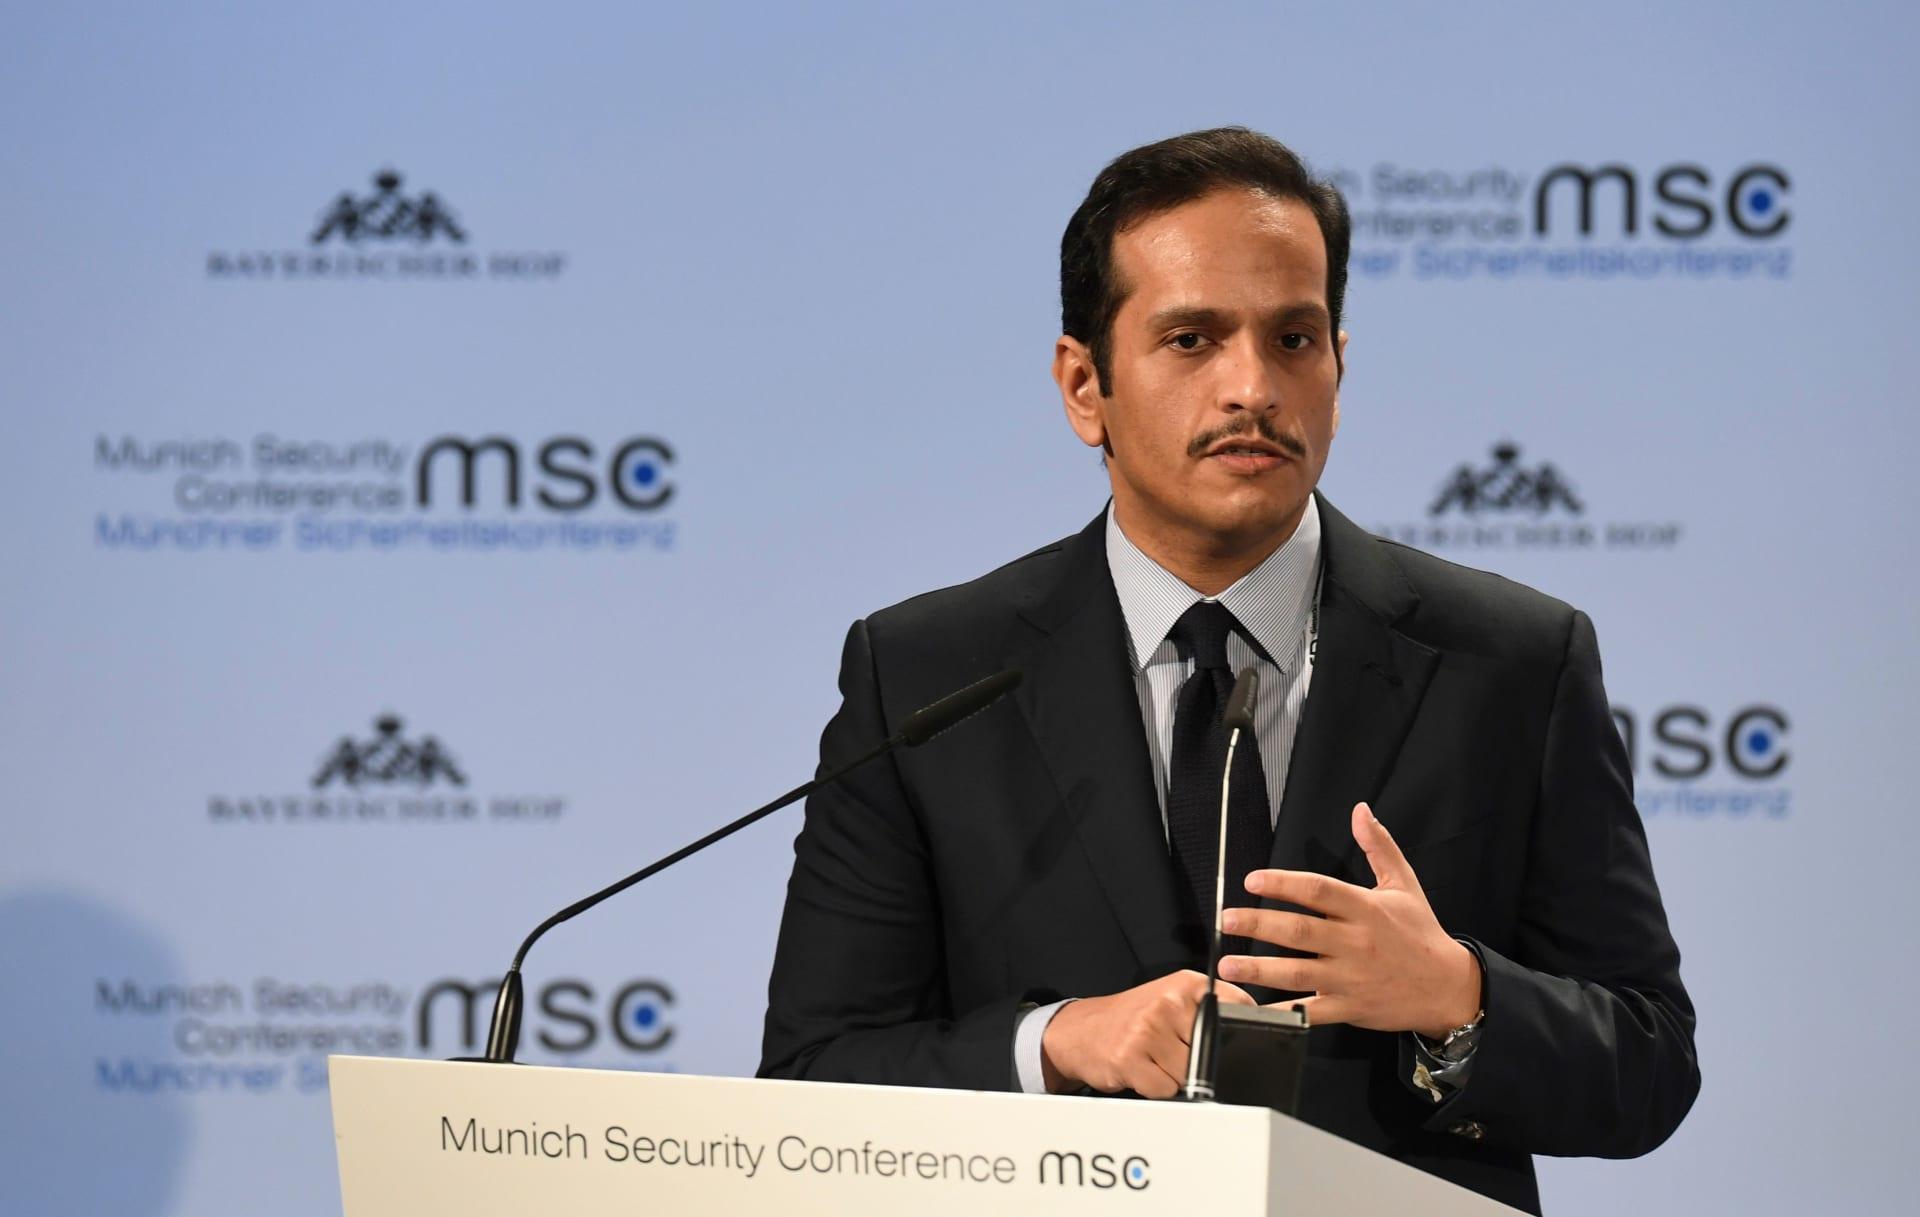 """وزير الخارجية القطري عن العلاقات مع مصر: نحن نتعامل مع الدولة """"الشرعية"""" لا مع أحزاب سياسية"""